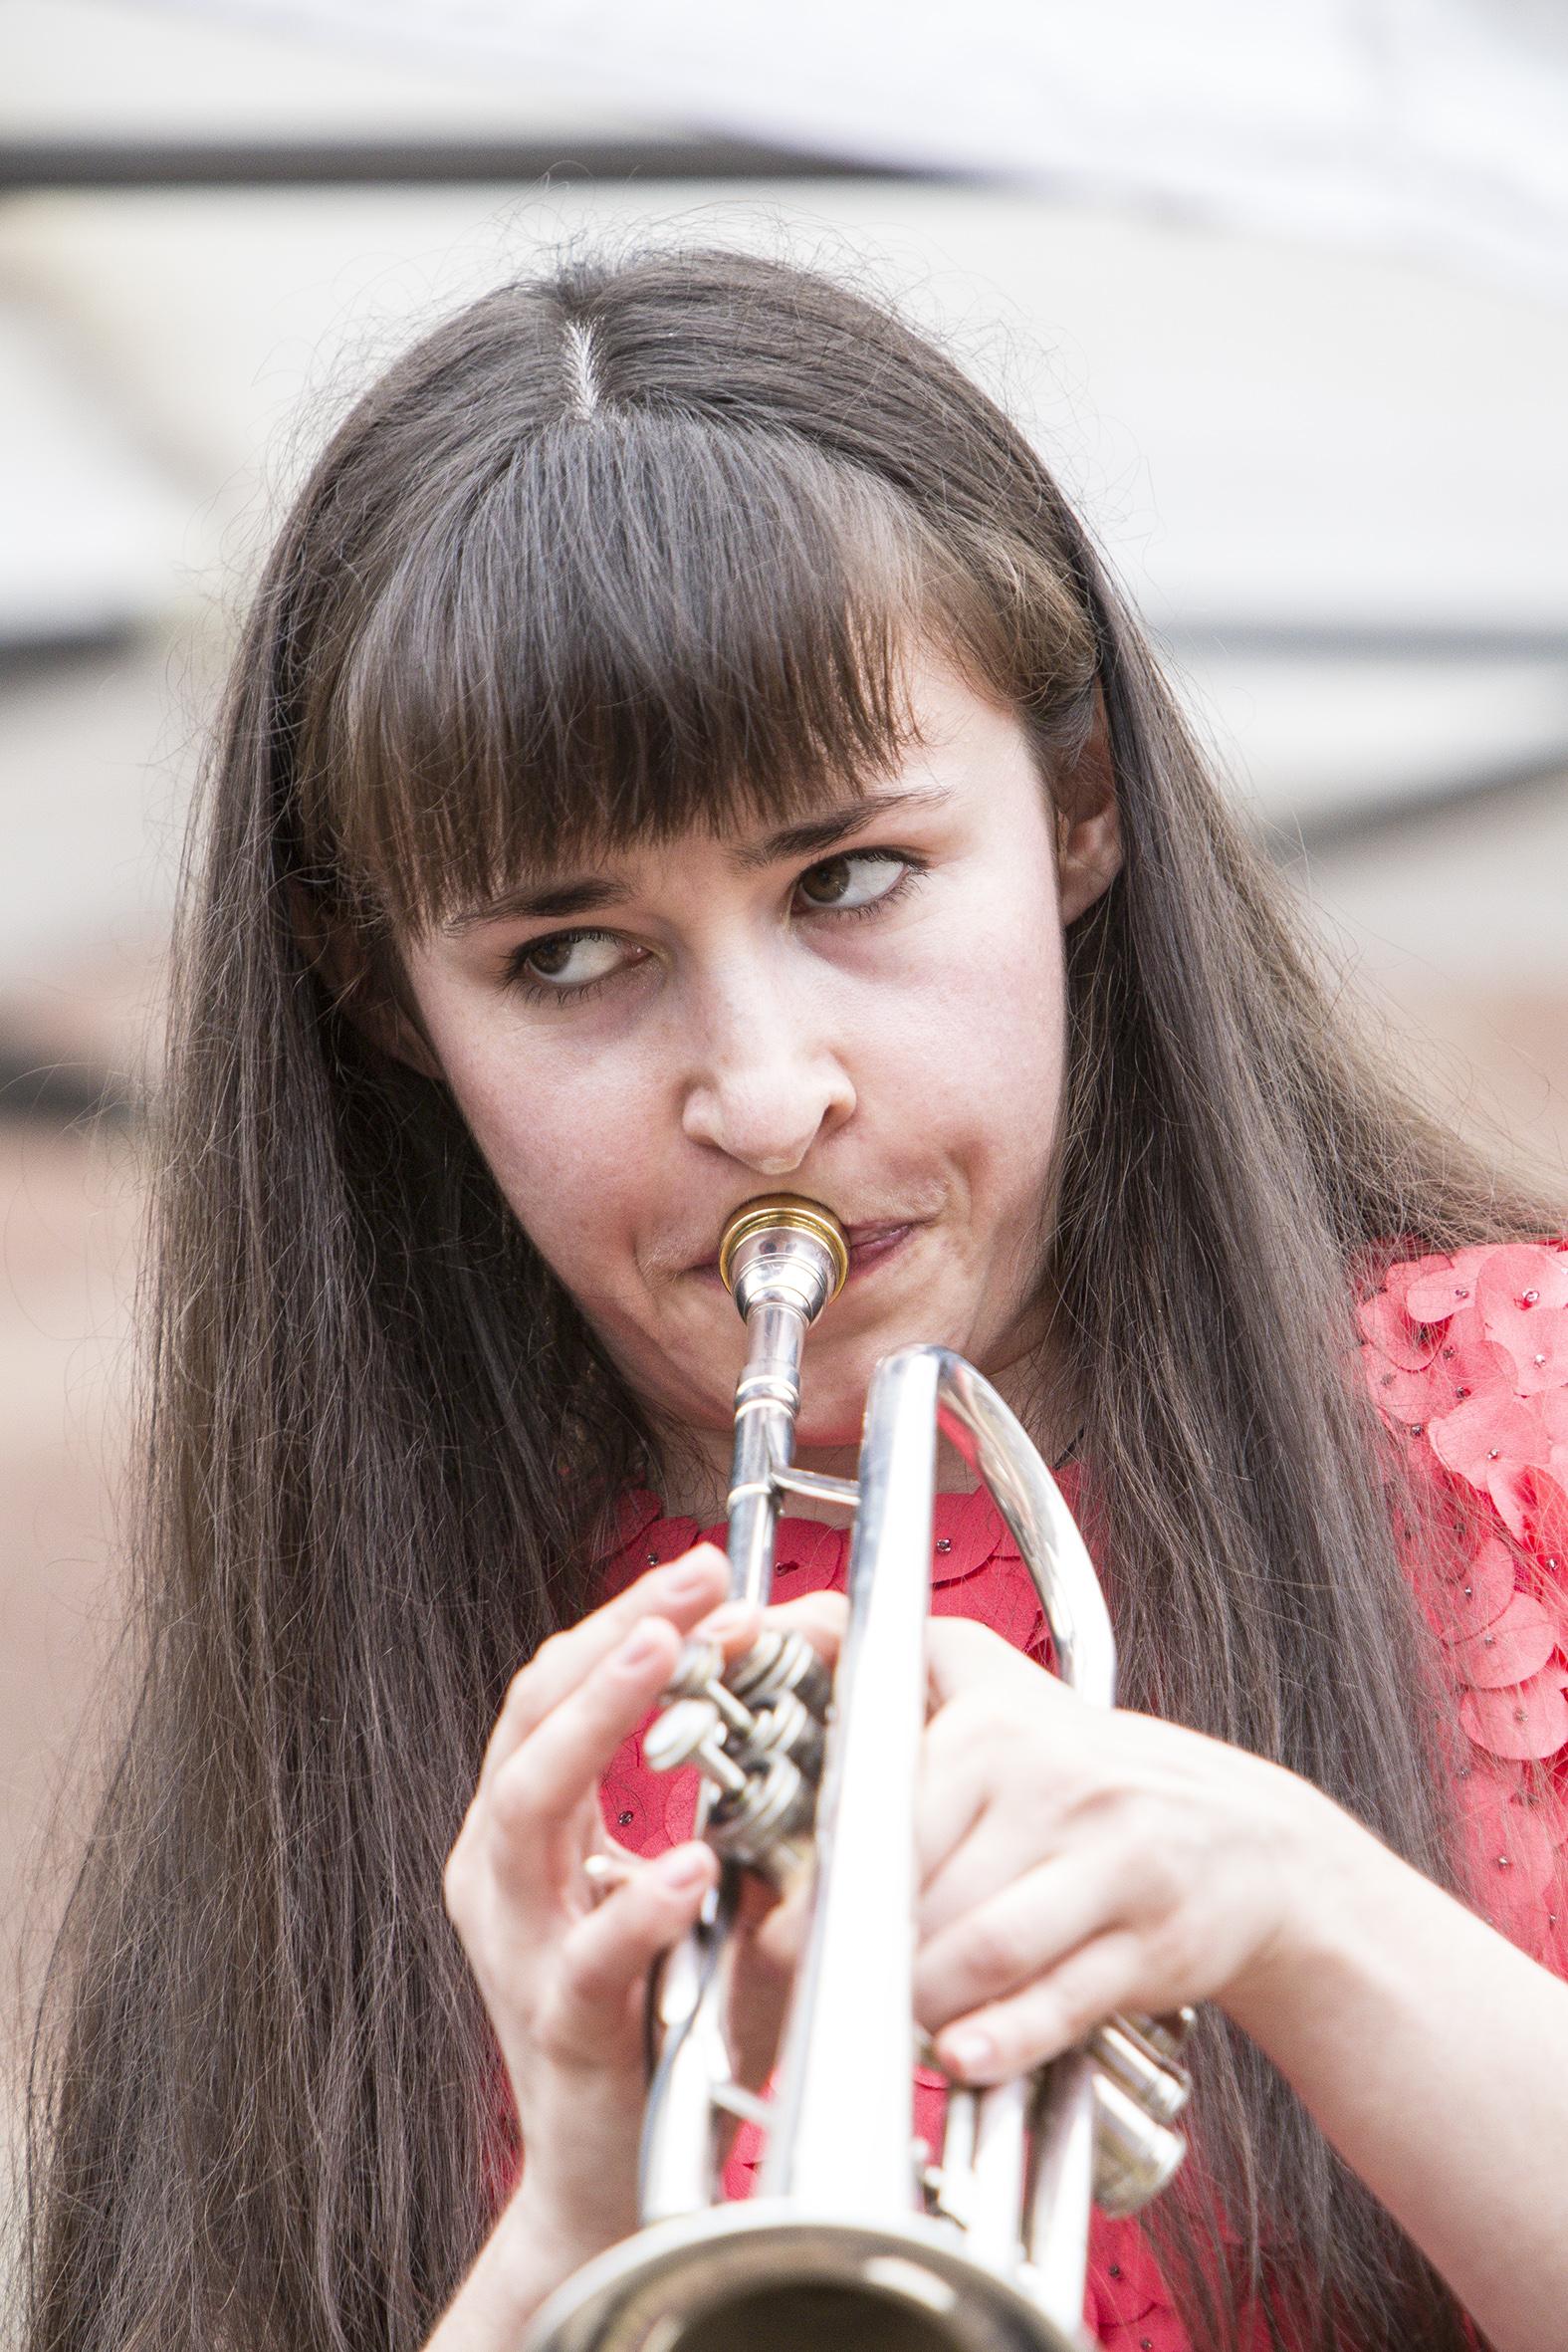 portraits-angela-avetissyan-quartet-festival-au-gr+¿s-du-jazz-la-petite-pierre-2015-marie-colette-becker-06